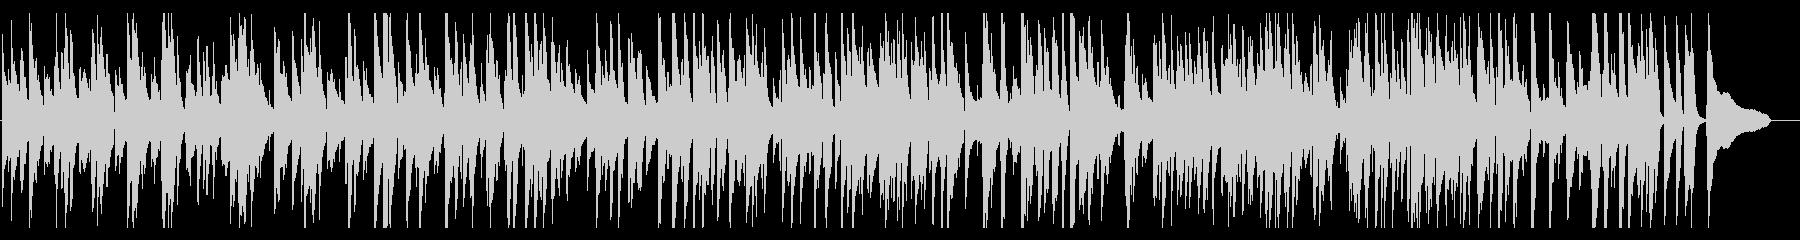 大人の楽しげなjazz風ピアノの未再生の波形